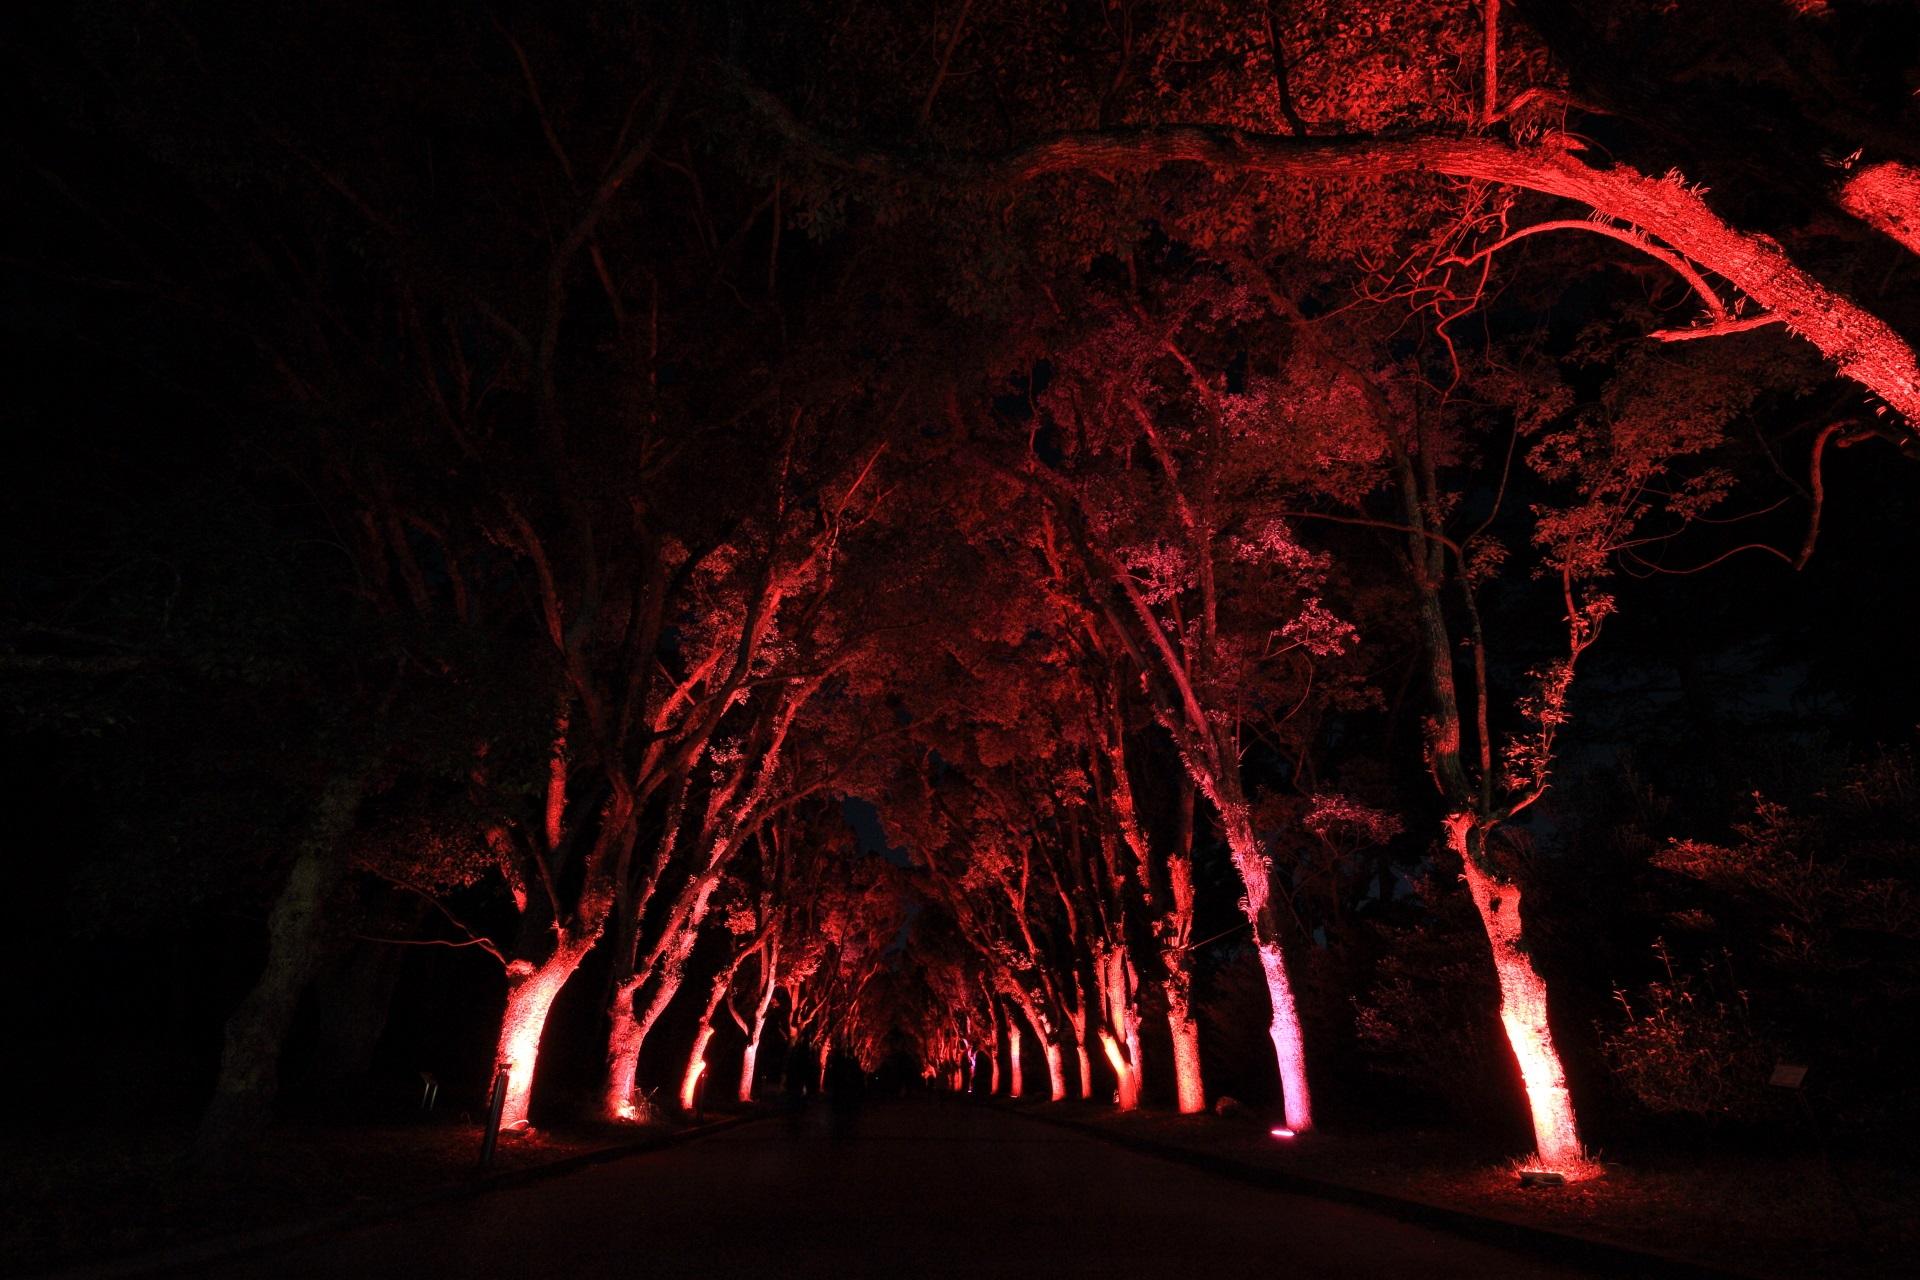 京都府立植物園のくすのき並木のクリスマスカラーのライトアップ